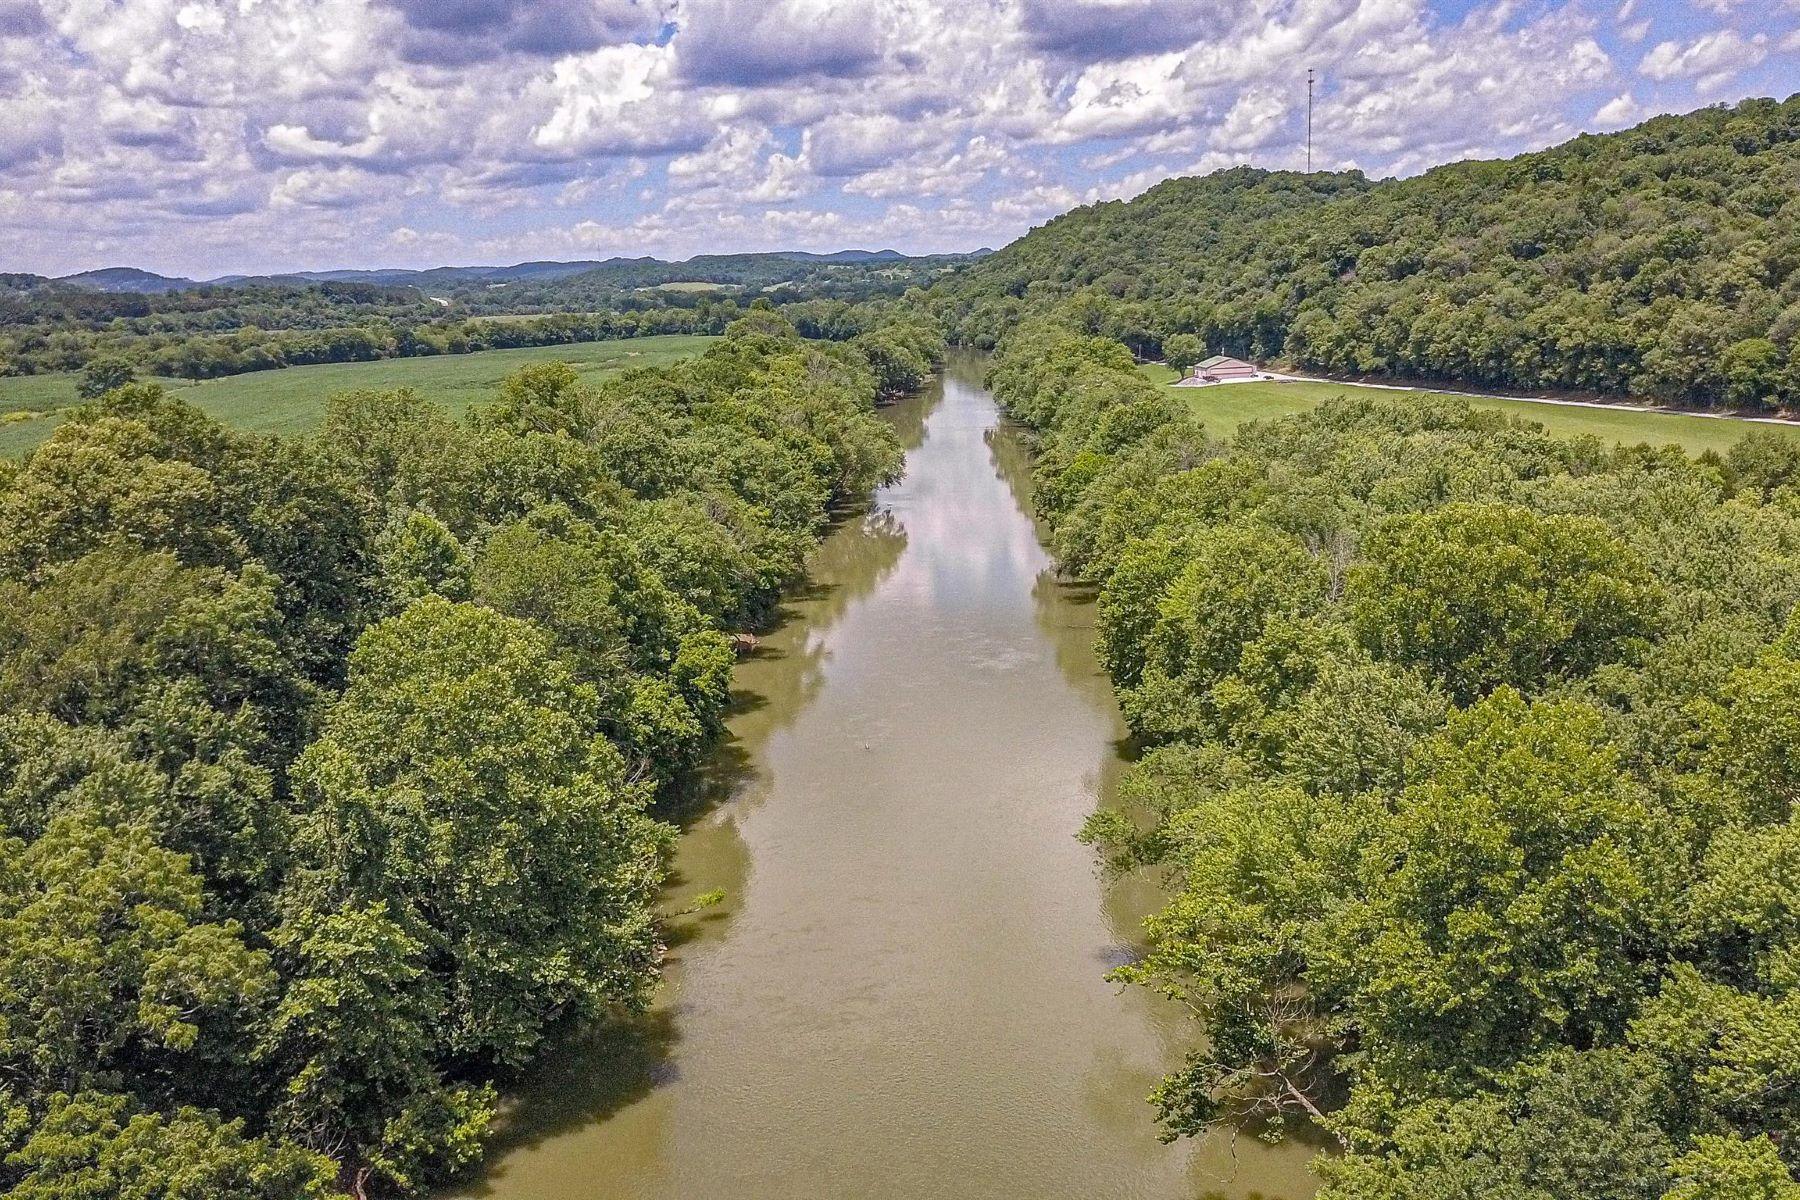 Terreno por un Venta en Beautiful 8 Acre Lot with River Access 0 Ben Gentry Lane Elmwood, Tennessee 38560 Estados Unidos